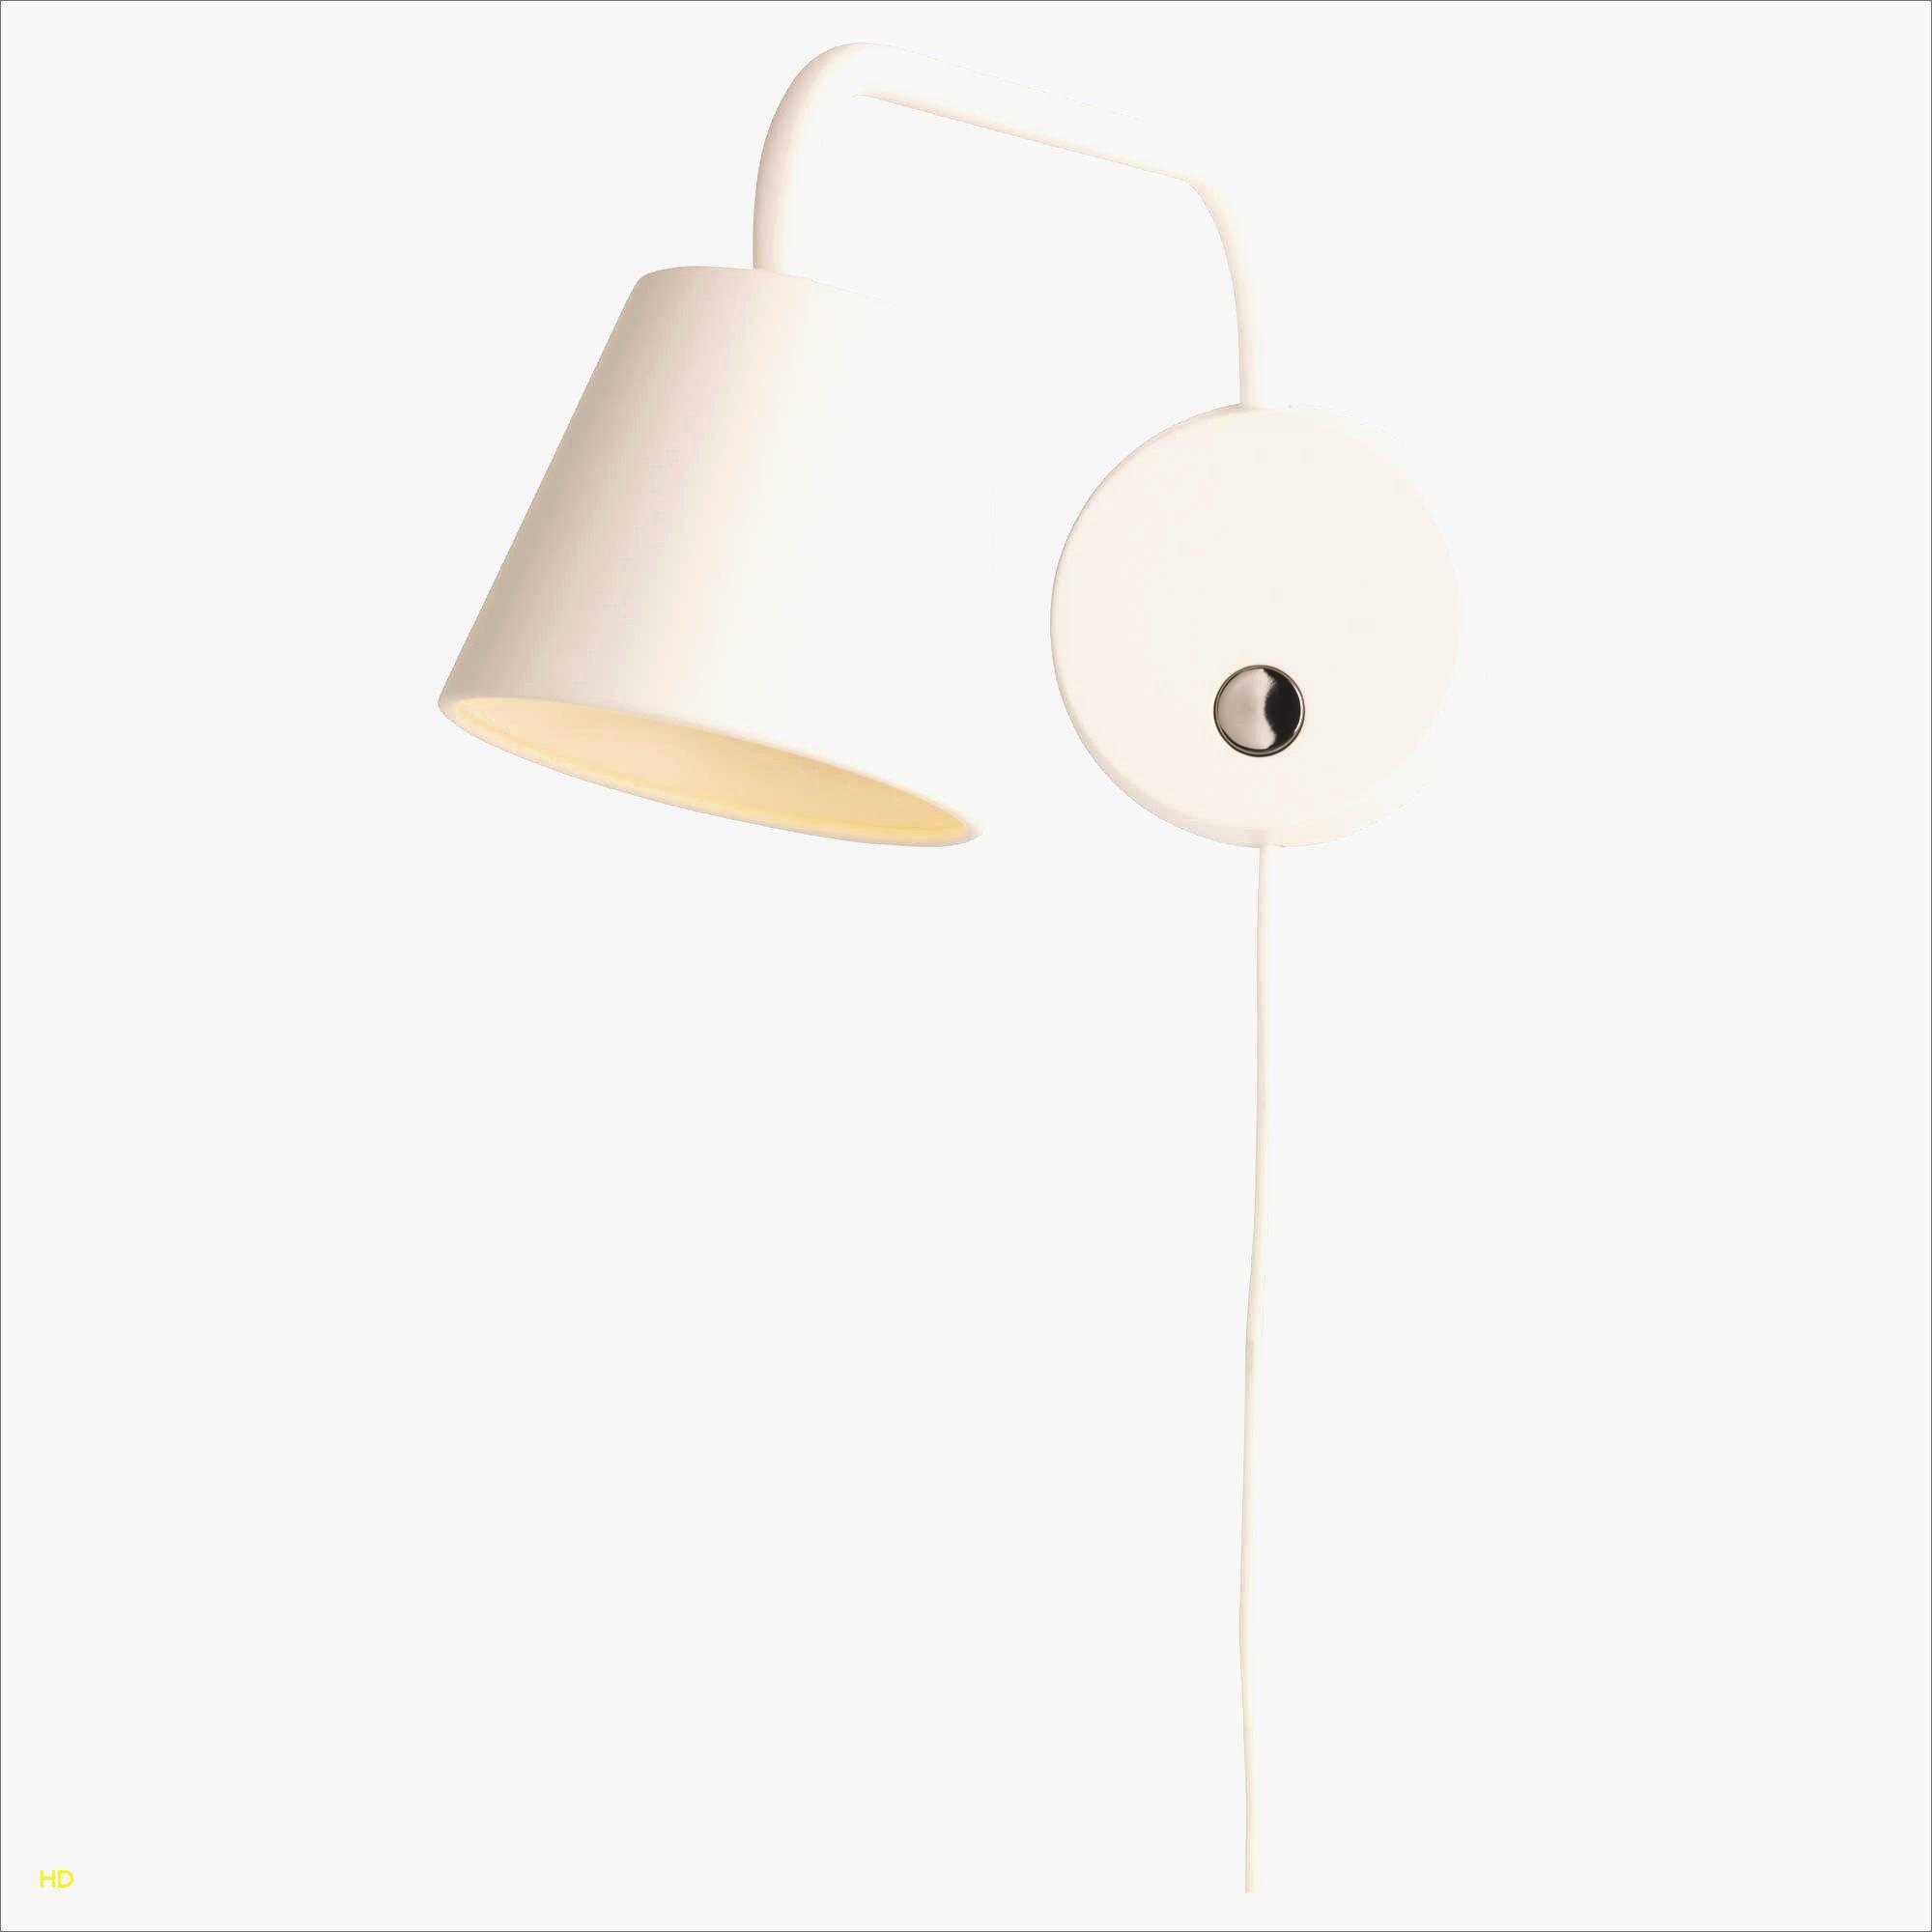 Ikea Dessus De Lit Frais Applique Exterieur Ikea Meilleur De Appliques Murales Chambre Lampe